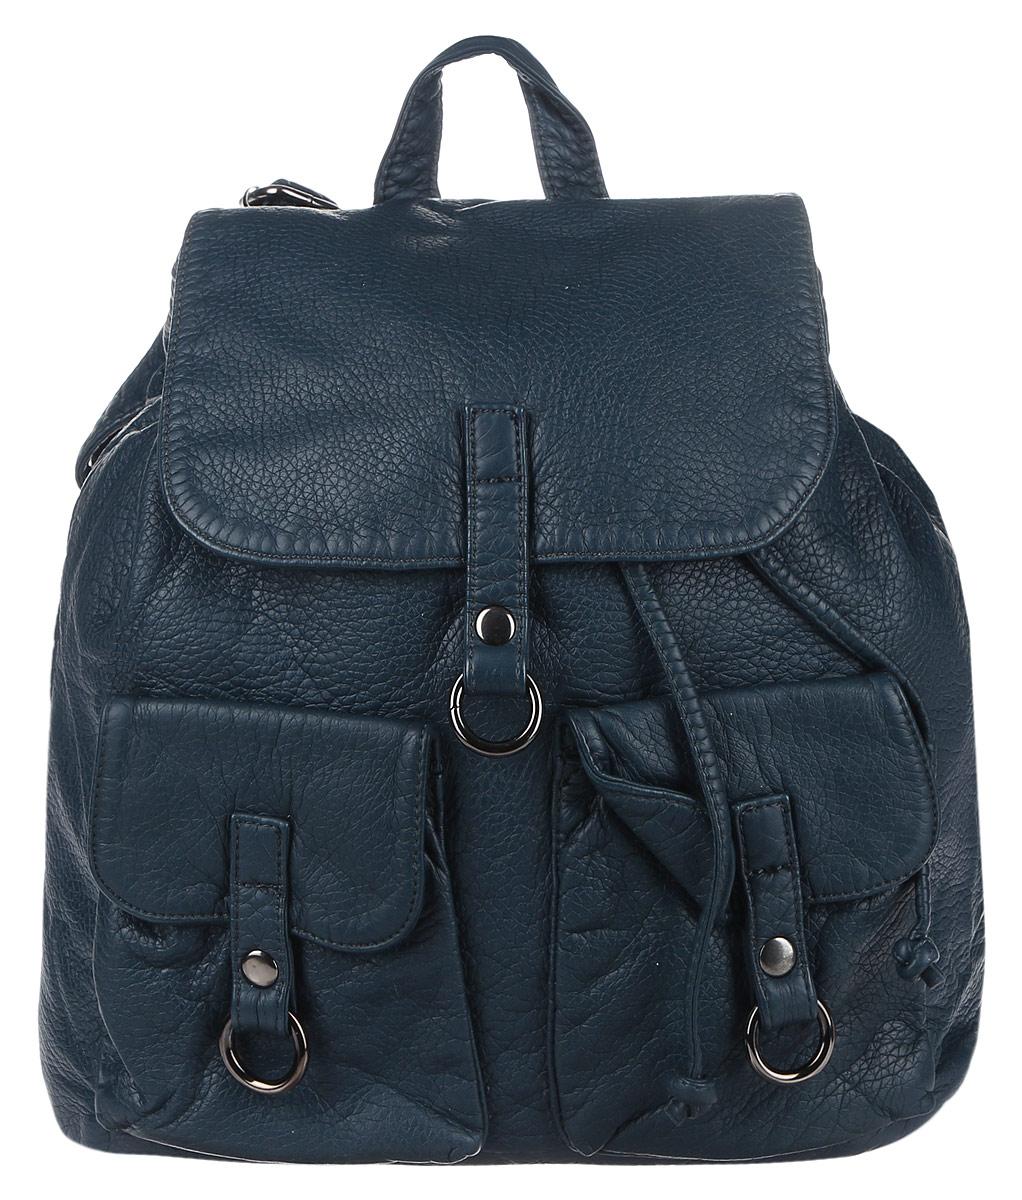 Рюкзак женский OrsOro, цвет: синий. D-254/2D-254/2Стильный рюкзак OrsOro, выполнен из экокожи и оснащен двумя плечевыми регулируемыми ремнями на спинке и удобной ручкой для переноски. Изделие закрывается клапаном на кнопку, внутри имеет одно вместительное отделение с одним накладным карманом для телефона и мелочей и одним прорезным карманом на застежке-молнии. С тыльной стороны изделия имеется прорезной карман на застежке-молнии. Рюкзак оснащен также передними накладными карманами, которые закрываются с помощью небольших клапанов на кнопки. Сумка-рюкзак OrsOro - это выбор молодой, уверенной, стильной женщины, которая ценит качество и комфорт. Изделие станет изысканным дополнением к вашему образу.